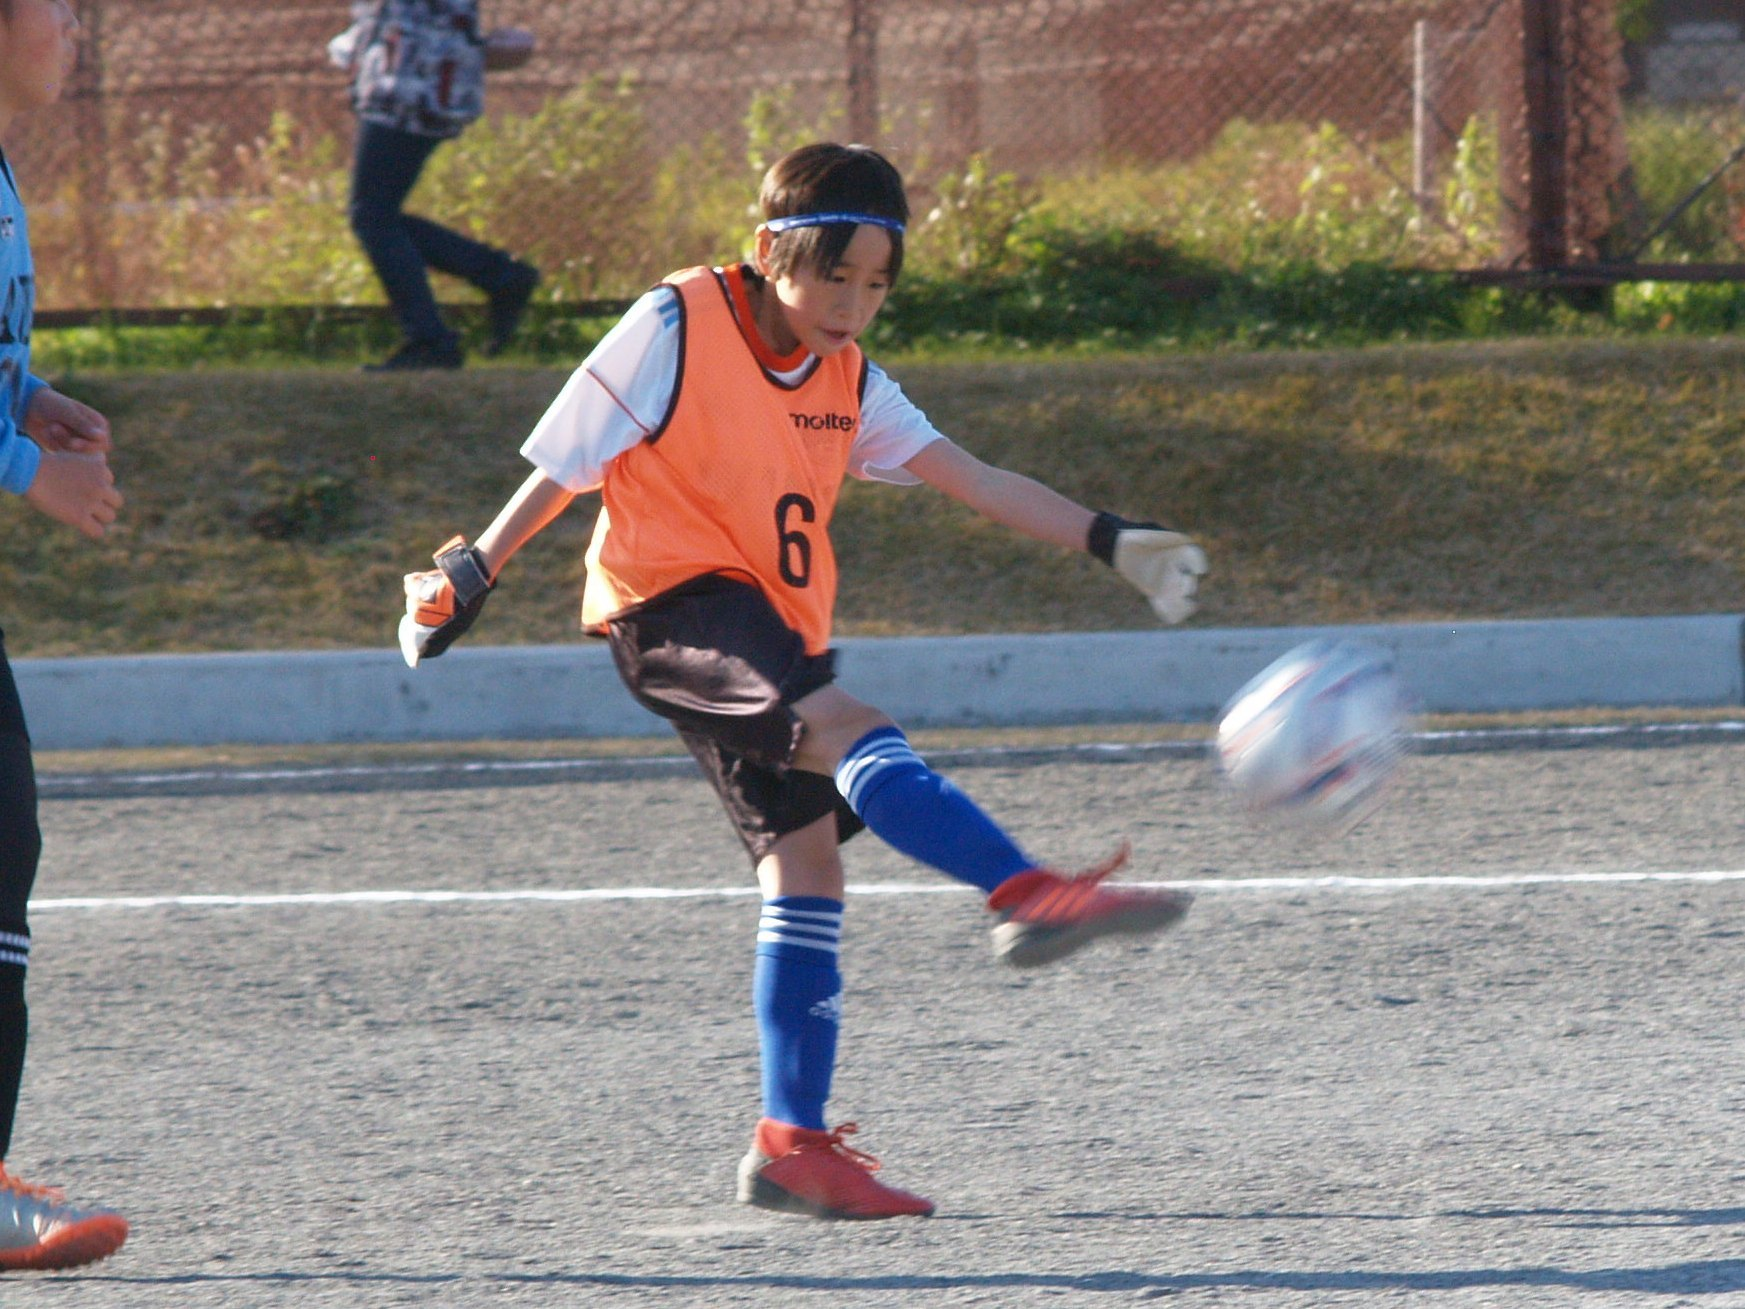 YGL(横浜ガールズリーグ) U-12_f0375011_00094954.jpg